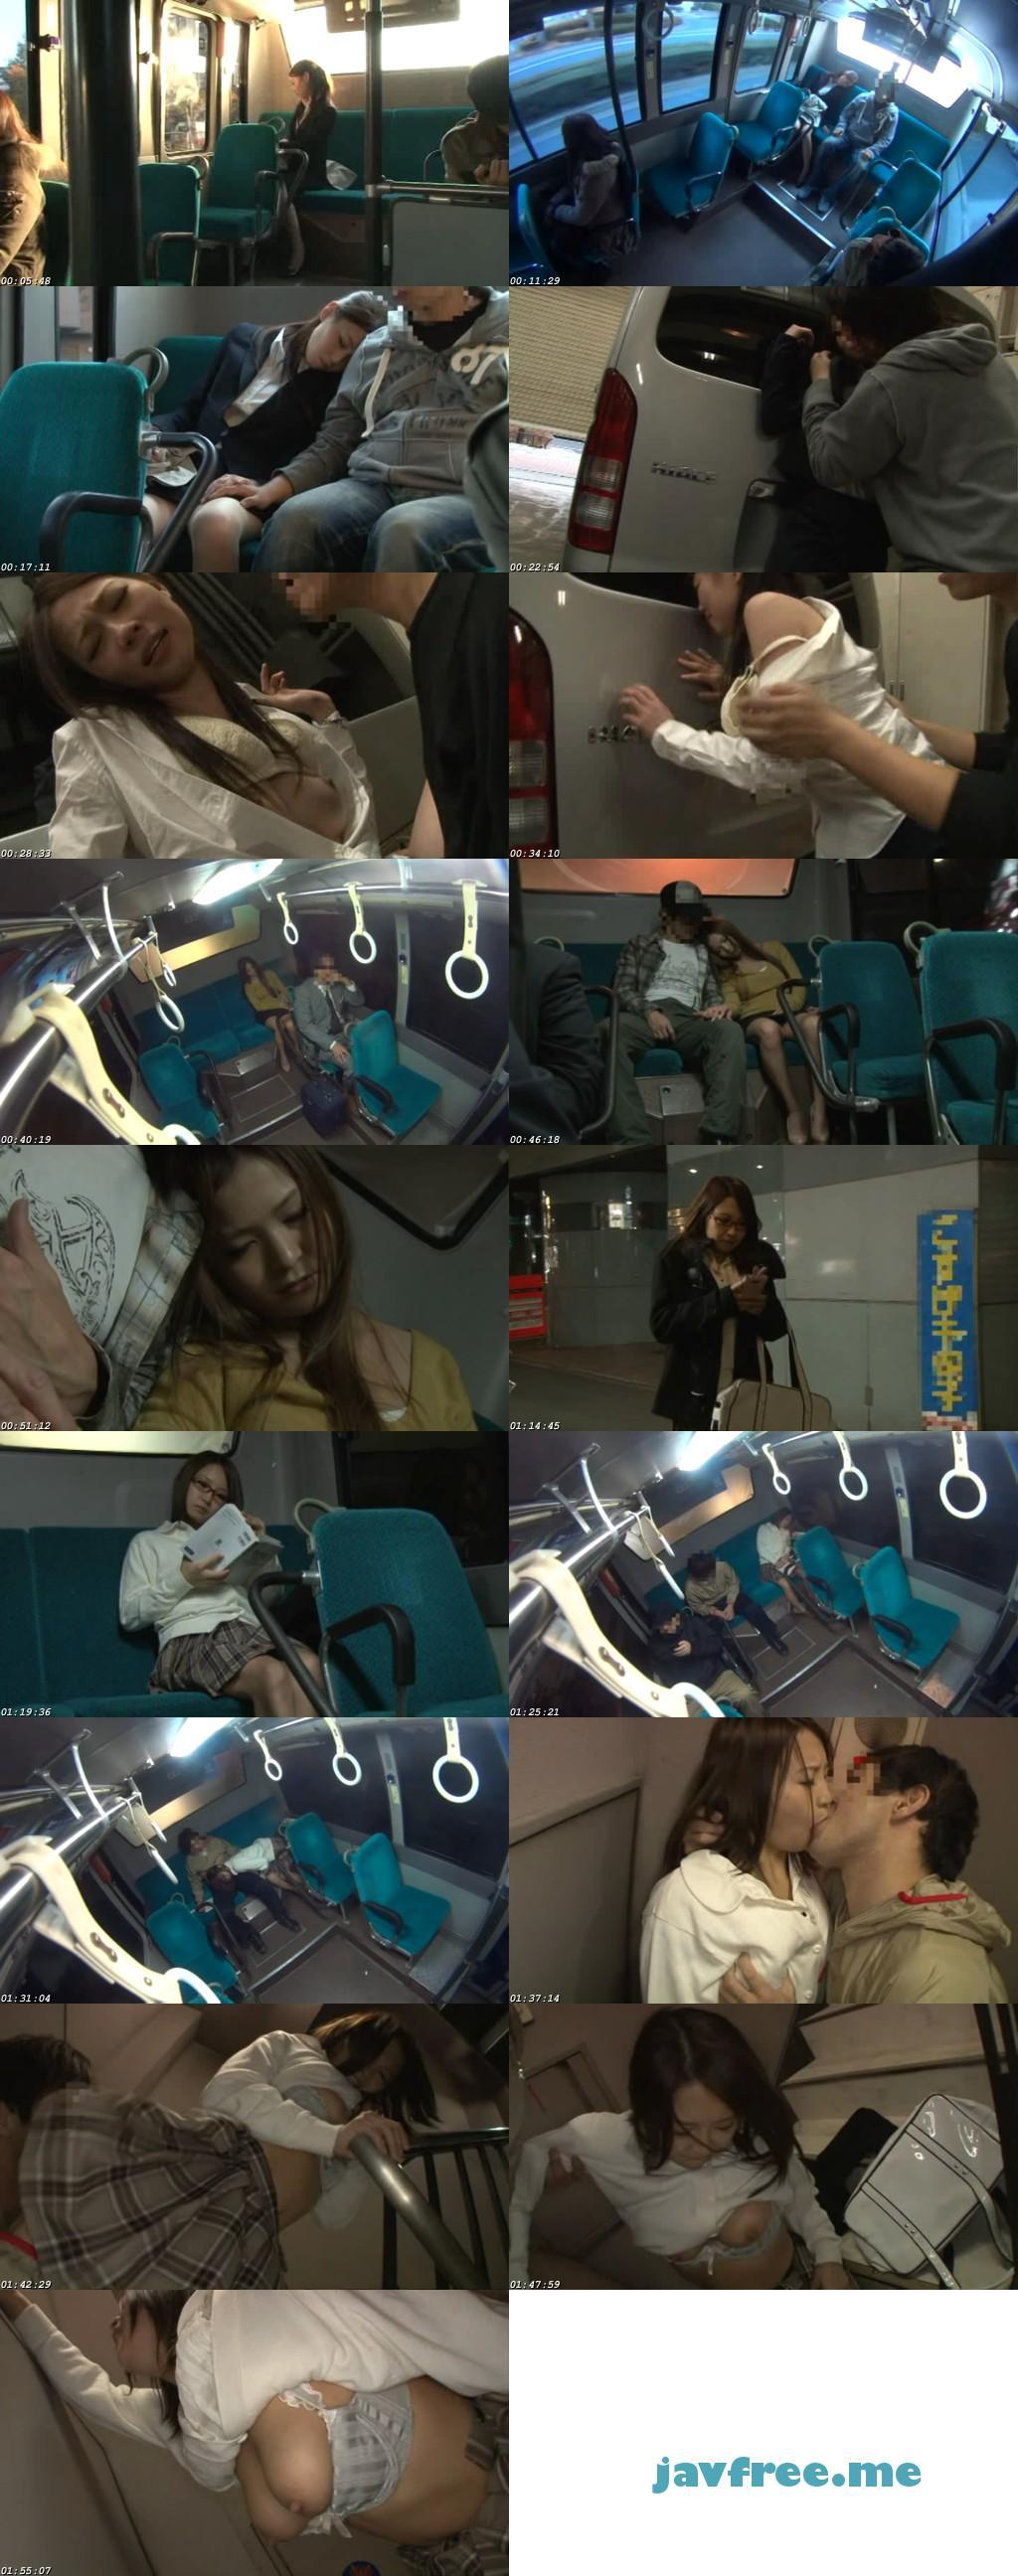 [RDD 139] バスの最後尾で熟睡している無防備な女の隣にそっと近づき寄り添ってみると… 音咲マナ 本城星奈 君嶋千夏 RDD